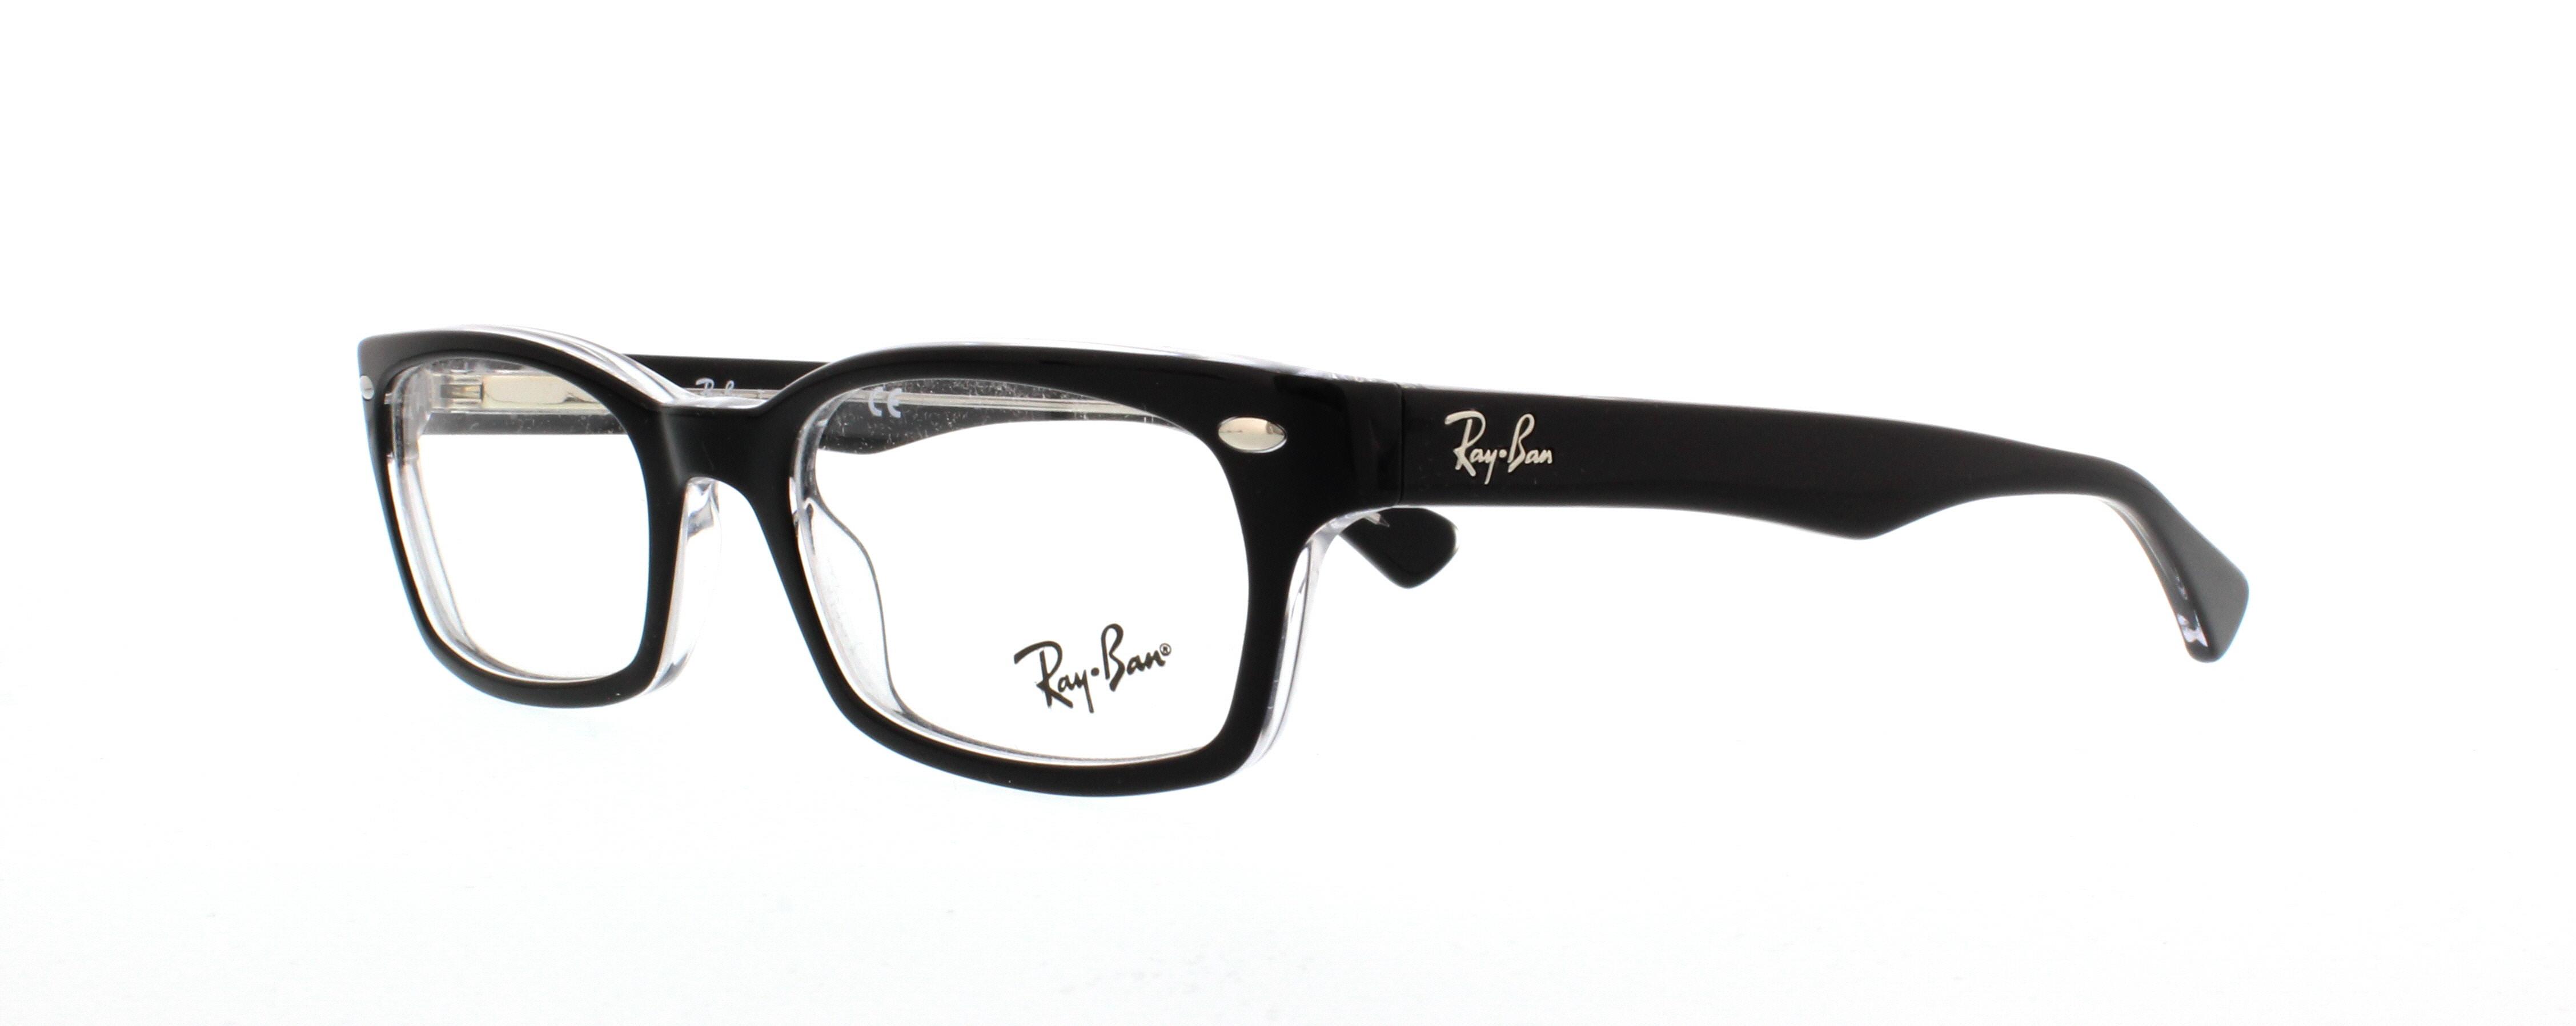 847dc72291 Designer Frames Outlet. Ray Ban RX5150